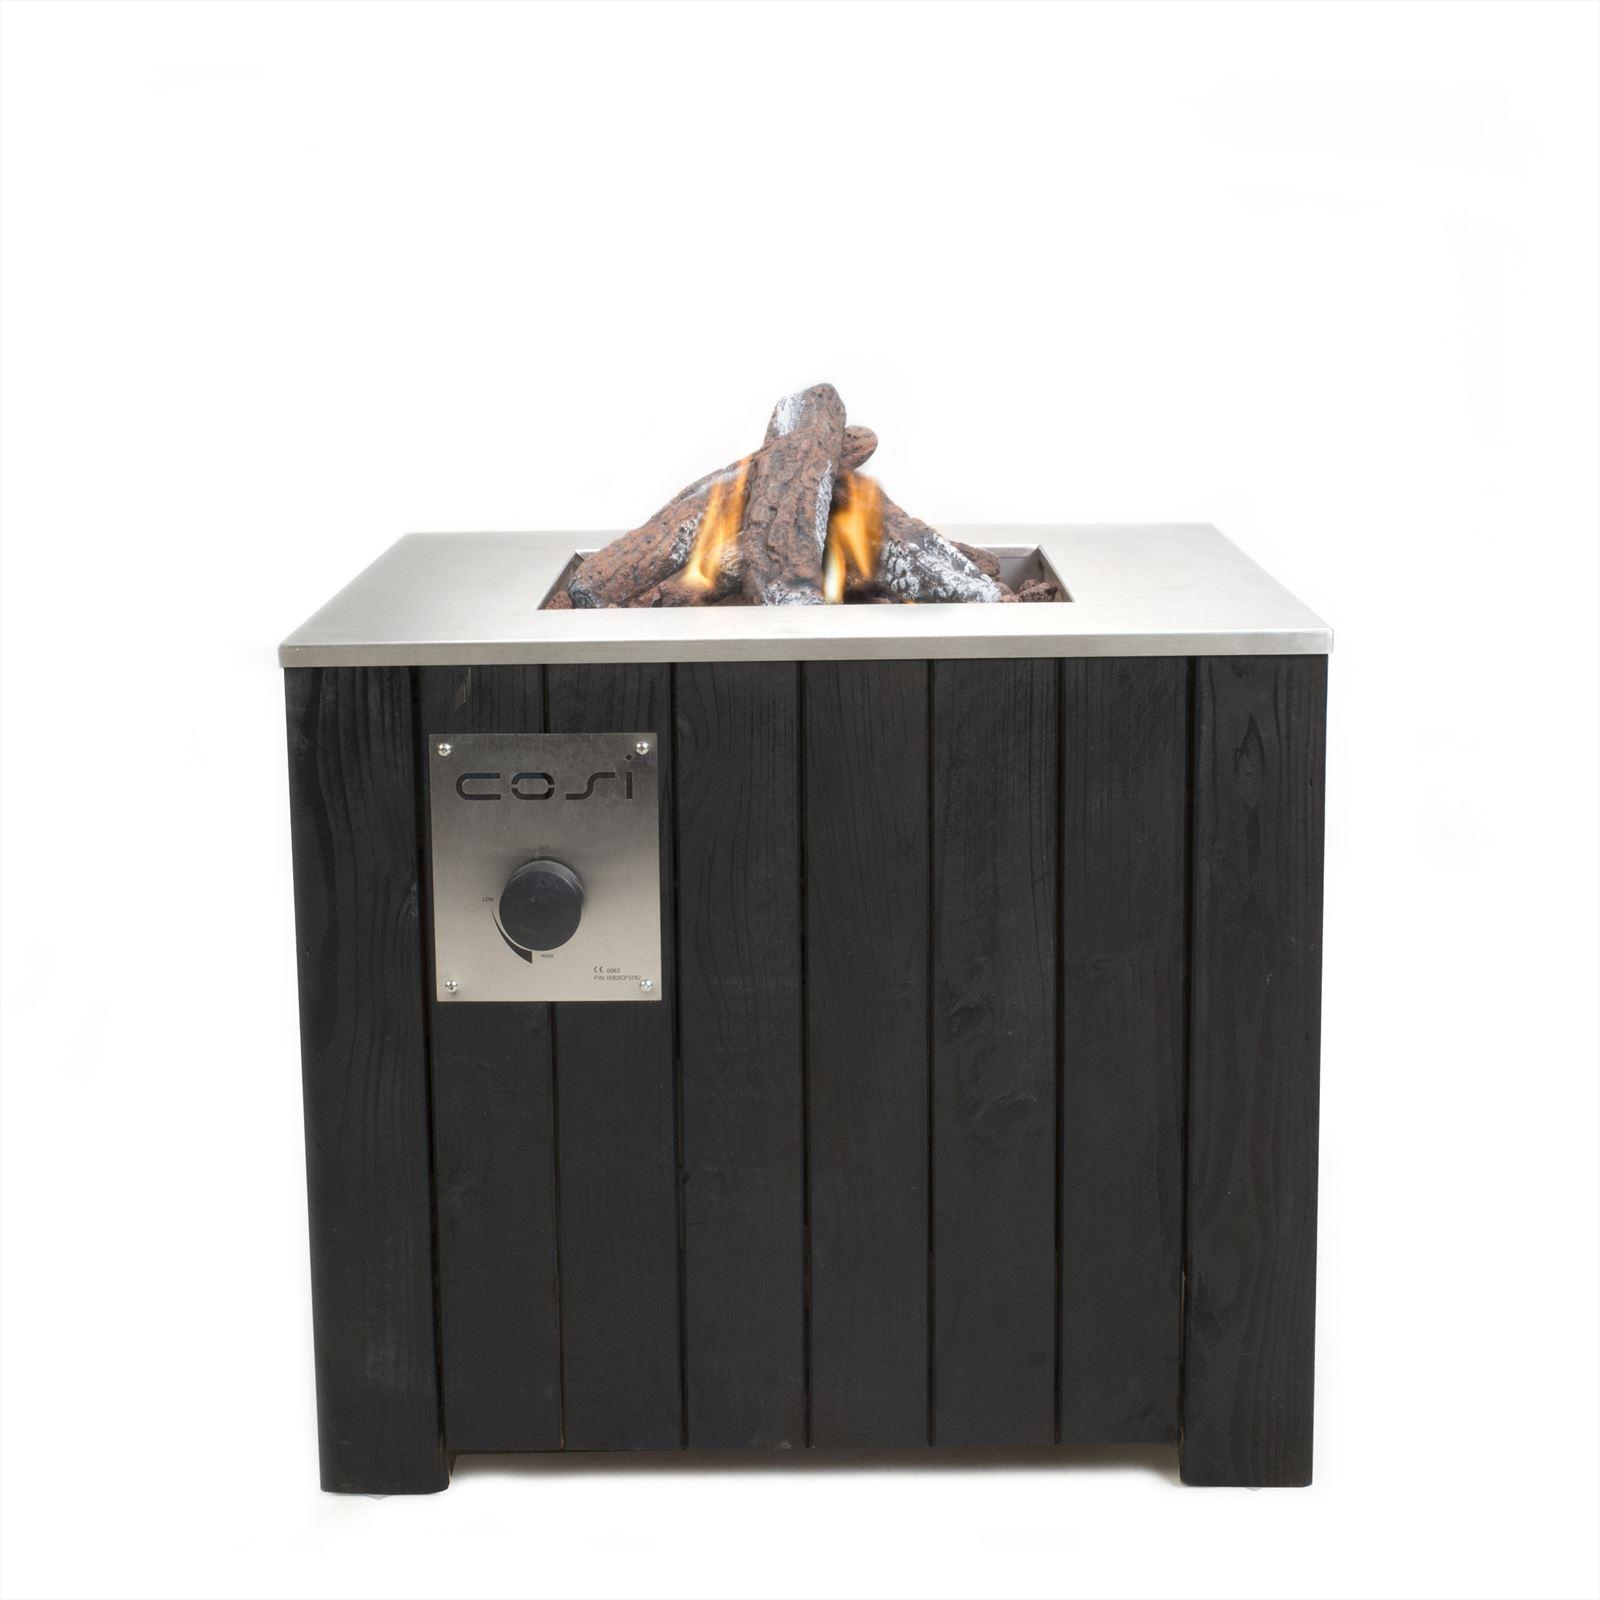 Cosi Fires vuurtafels en gaslantaarns Cosi Fires vuurtafel Cosicube 70, afm. 70 x 70 cm, hoogte 58 cm, douglas hout in black